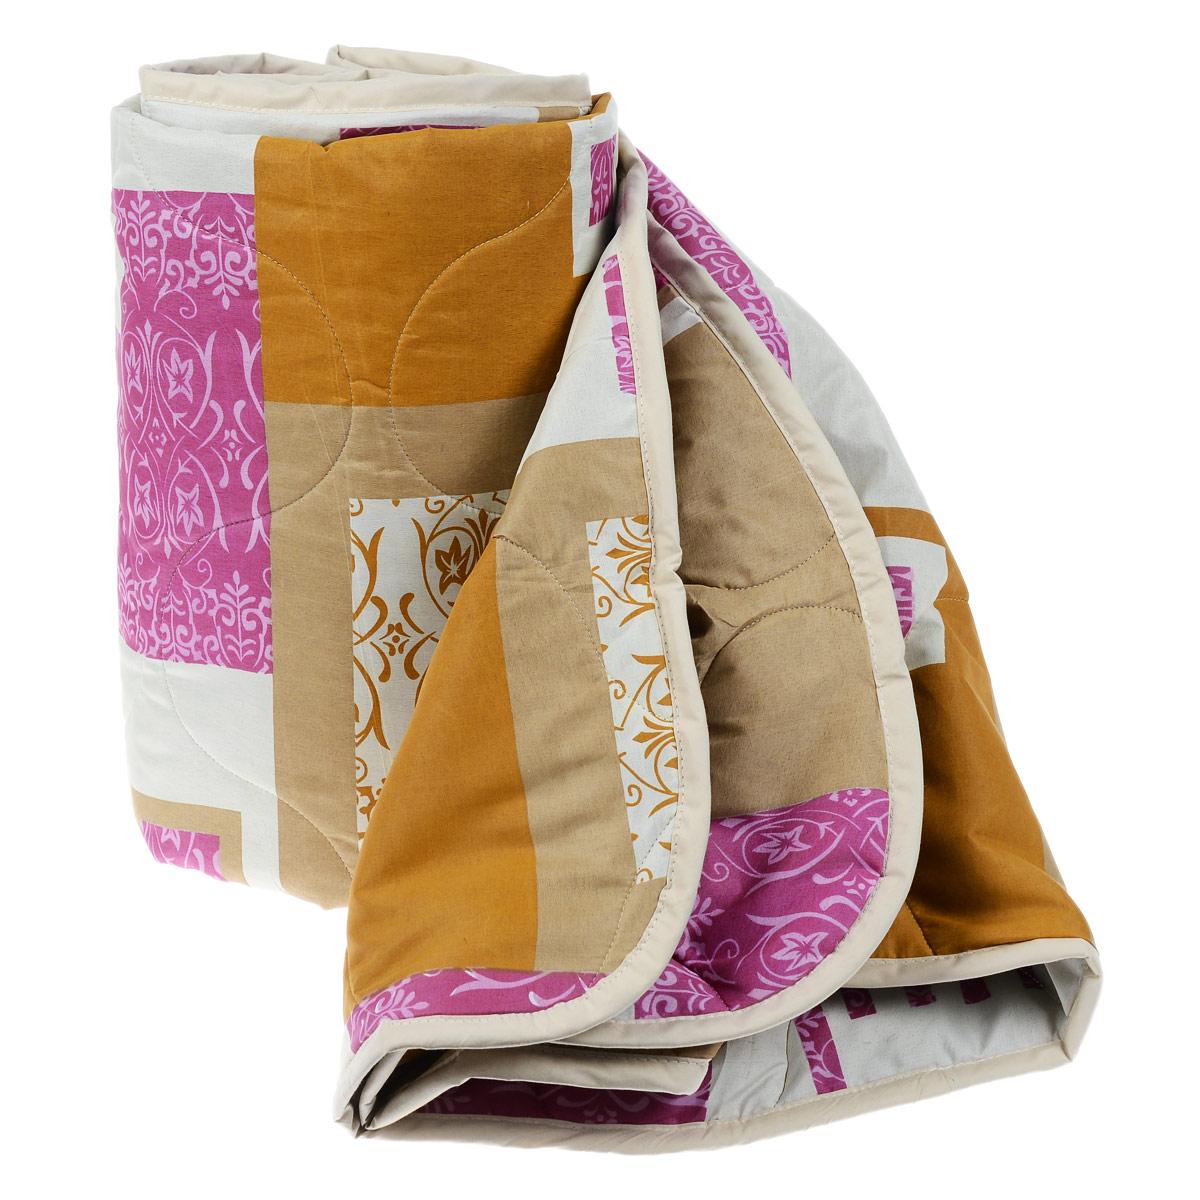 Одеяло всесезонное OL-Tex Miotex, наполнитель: полиэфирное волокно Holfiteks, цвет: коричневый, оранжевый, 172 см х 205 смМХПЭ-18-3 коричневый, оранжевыйВсесезонное одеяло OL-Tex Miotex создаст комфорт и уют во время сна. Стеганый чехол выполнен из полиэстера и оформлен красивым рисунком. Внутри - наполнитель из полиэфирного высокосиликонизированного волокна Holfiteks, упругий и качественный. Холфитекс - современный экологически чистый синтетический материал, изготовленный по новейшим технологиям. Его уникальность заключается в расположении волокон, которые позволяют моментально восстанавливать форму и сохранять ее долгое время. Изделия с использованием Холфитекса очень удобны в эксплуатации - их можно часто стирать без потери потребительских свойств, они быстро высыхают, не впитывают запахов и совершенно гиппоаллергенны. Холфитекс также обеспечивает хорошую терморегуляцию, поэтому изделия с наполнителем из холфитекса очень комфортны в использовании. Одеяло с наполнителем Холфитекс порадует вас в любое время года. Оно комфортно согревает и создает отличный микроклимат. За одеялом легко ухаживать, можно стирать в...